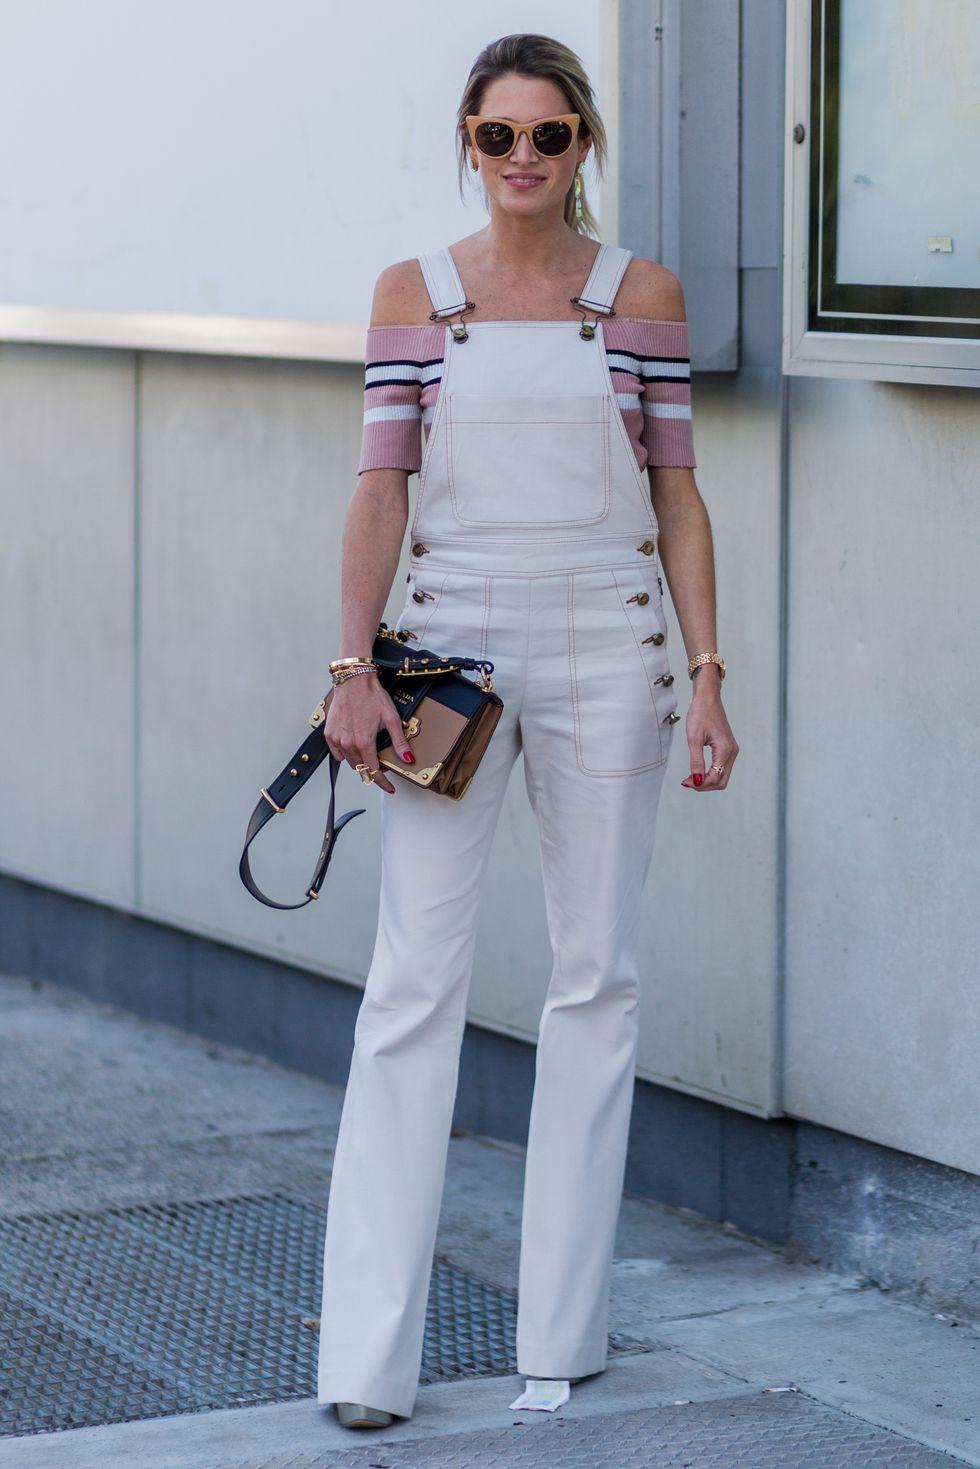 Đừng quá lo lắng về việc liệu đường viền cổ áo của bạn có hợp với quần yếm hay không. Blogger thời trang Helena Bordon chứng minh rằng ngay cả những chiếc áo trễ vai cũng có thể kết hợp với áo một mảnh. Bây giờ đi ra ngoài và khám phá tất cả các tùy chọn phân lớp của bạn!